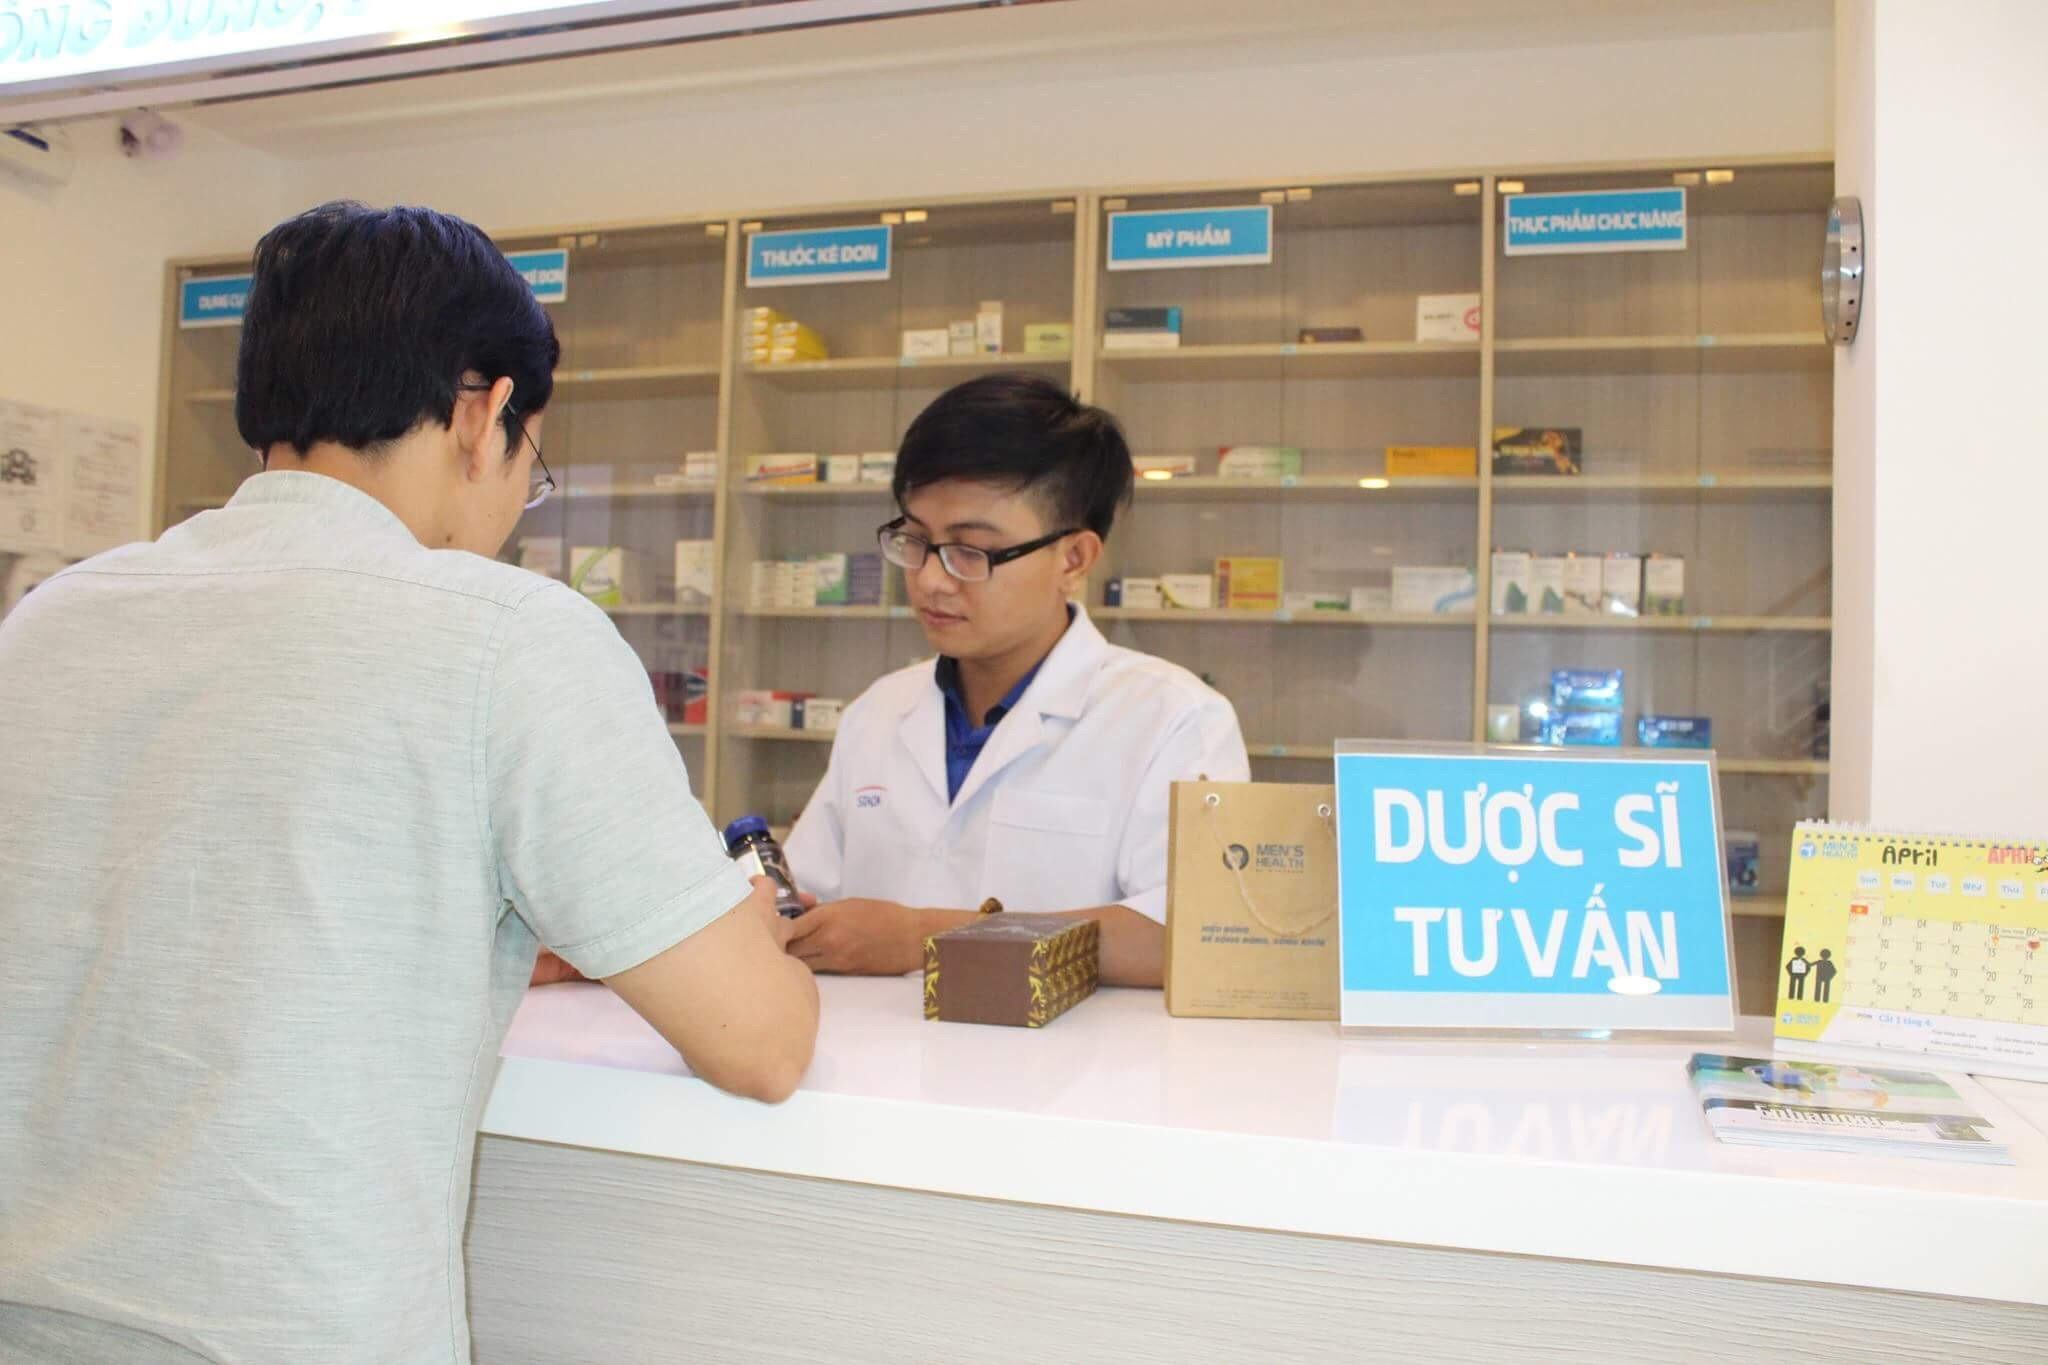 Men's Health Pharmacy nhìn lại hành trình 3 năm đồng hành cùng phái mạnh